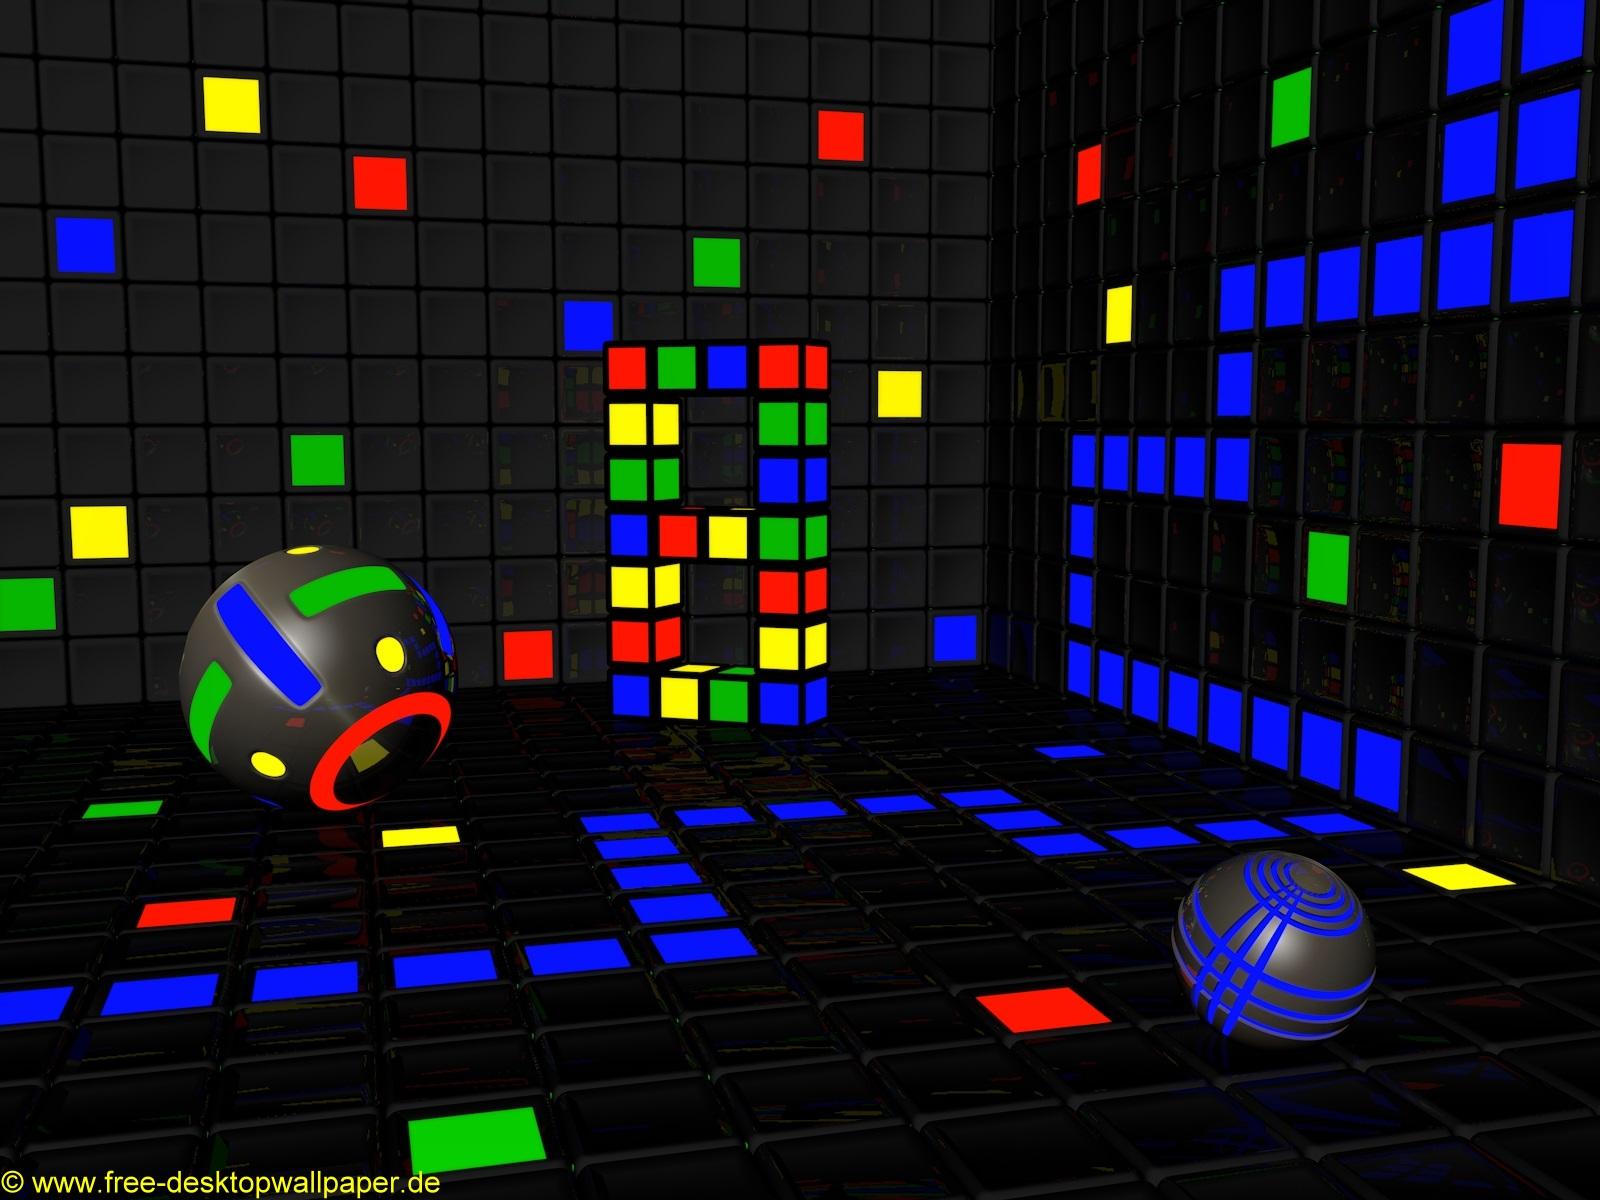 Desktop Wallpapers Neon Lights Wallpaper Clayton Mcilrath Picture 1600x1200